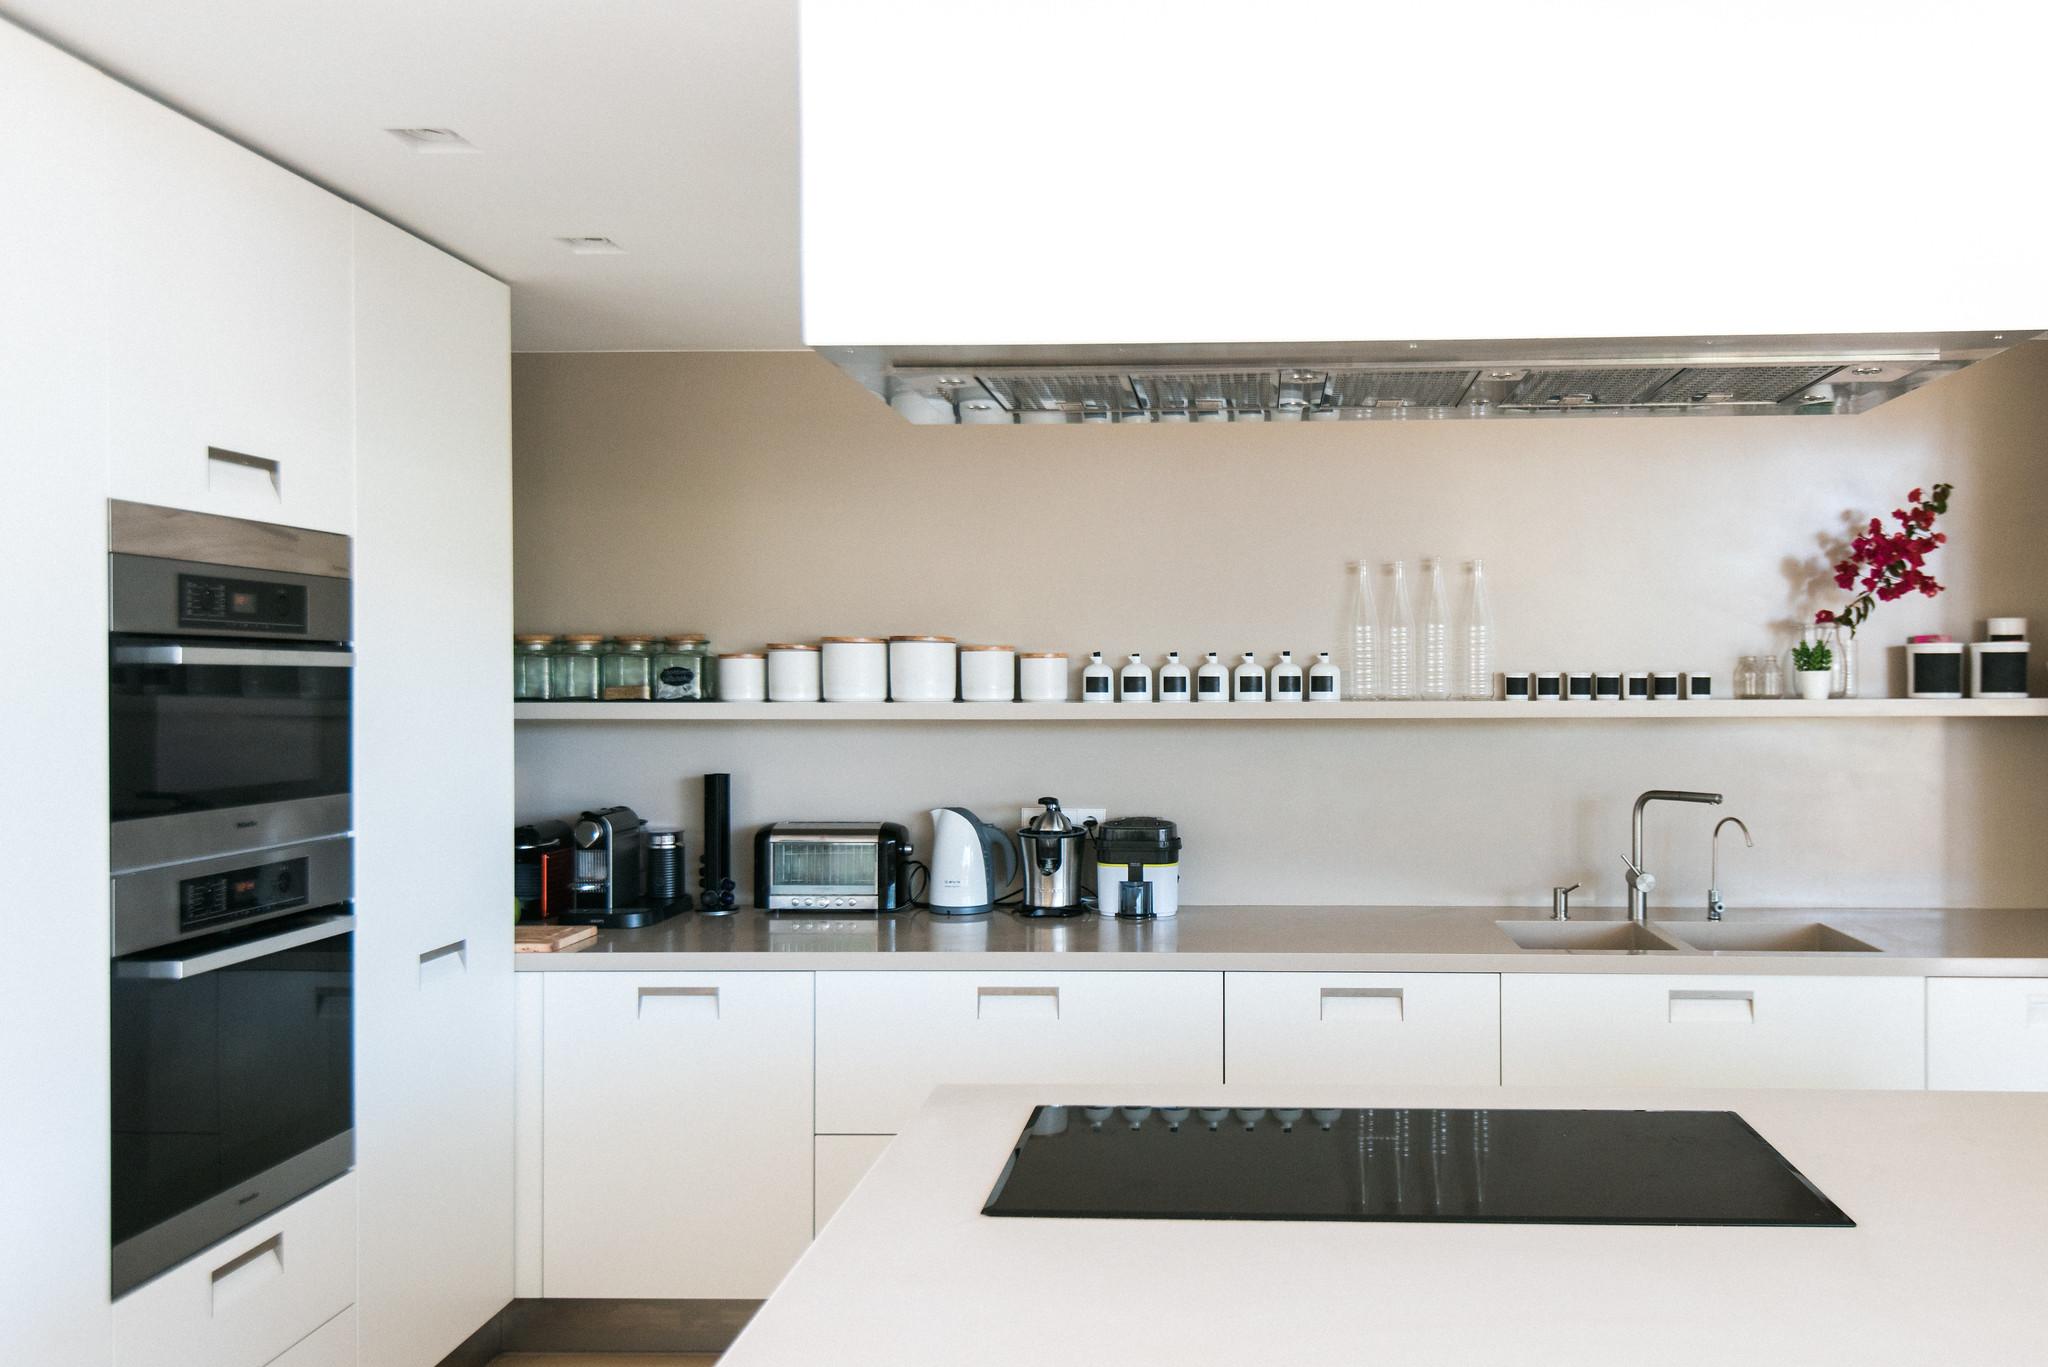 https://www.white-ibiza.com/wp-content/uploads/2020/06/white-ibiza-villas-casa-valentina-interior-kitchen.jpg